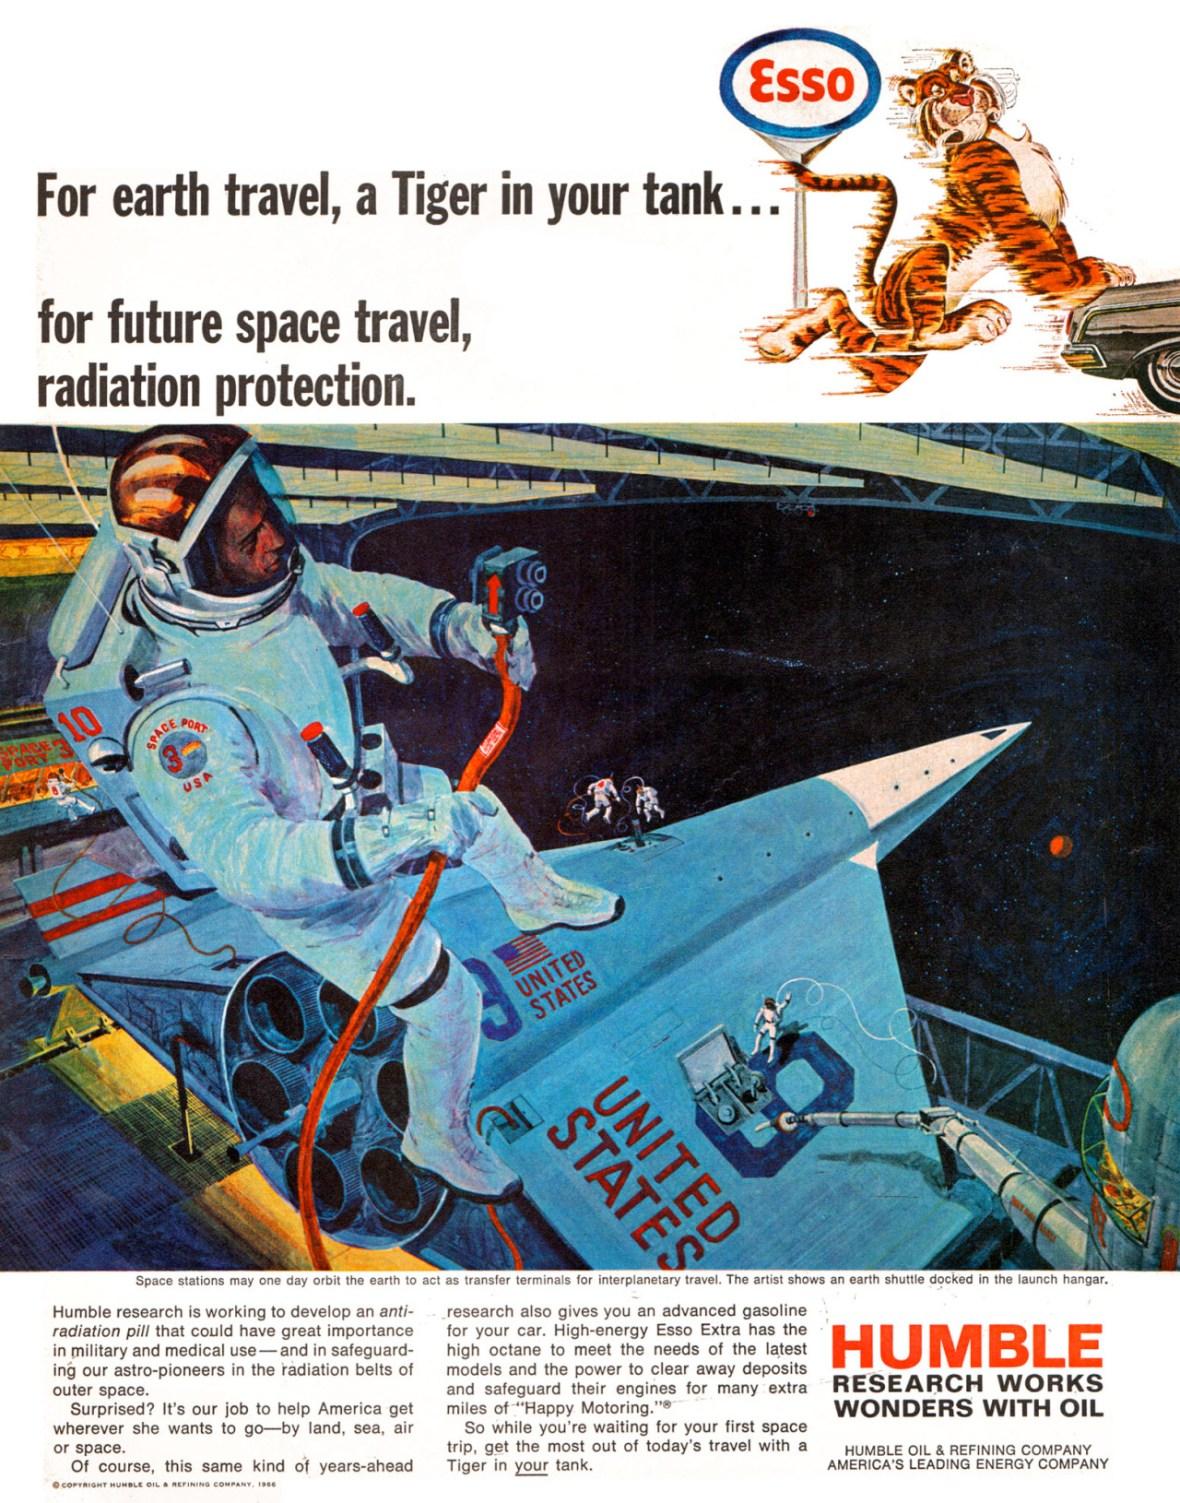 Humble Oil/Esso - 1966